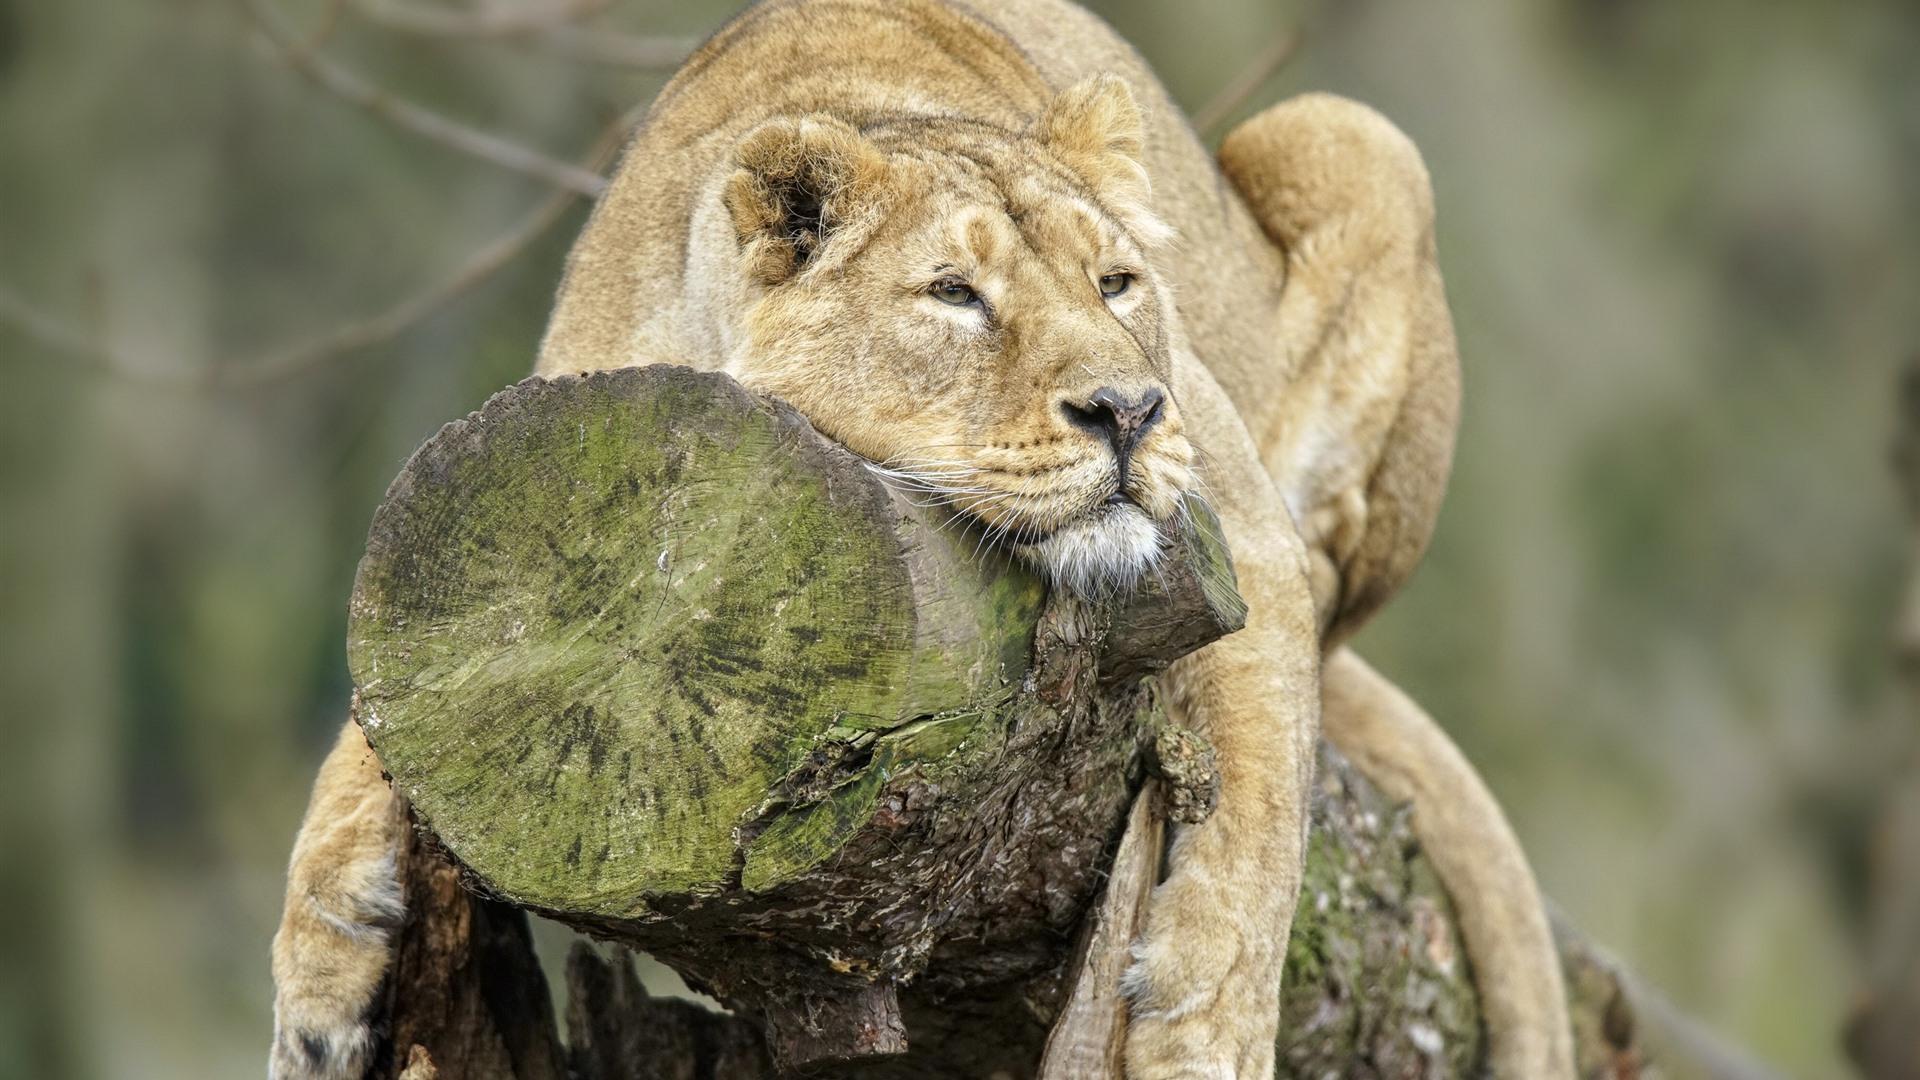 Lion, Rest, Stump 750x1334 IPhone 8/7/6/6S Wallpaper